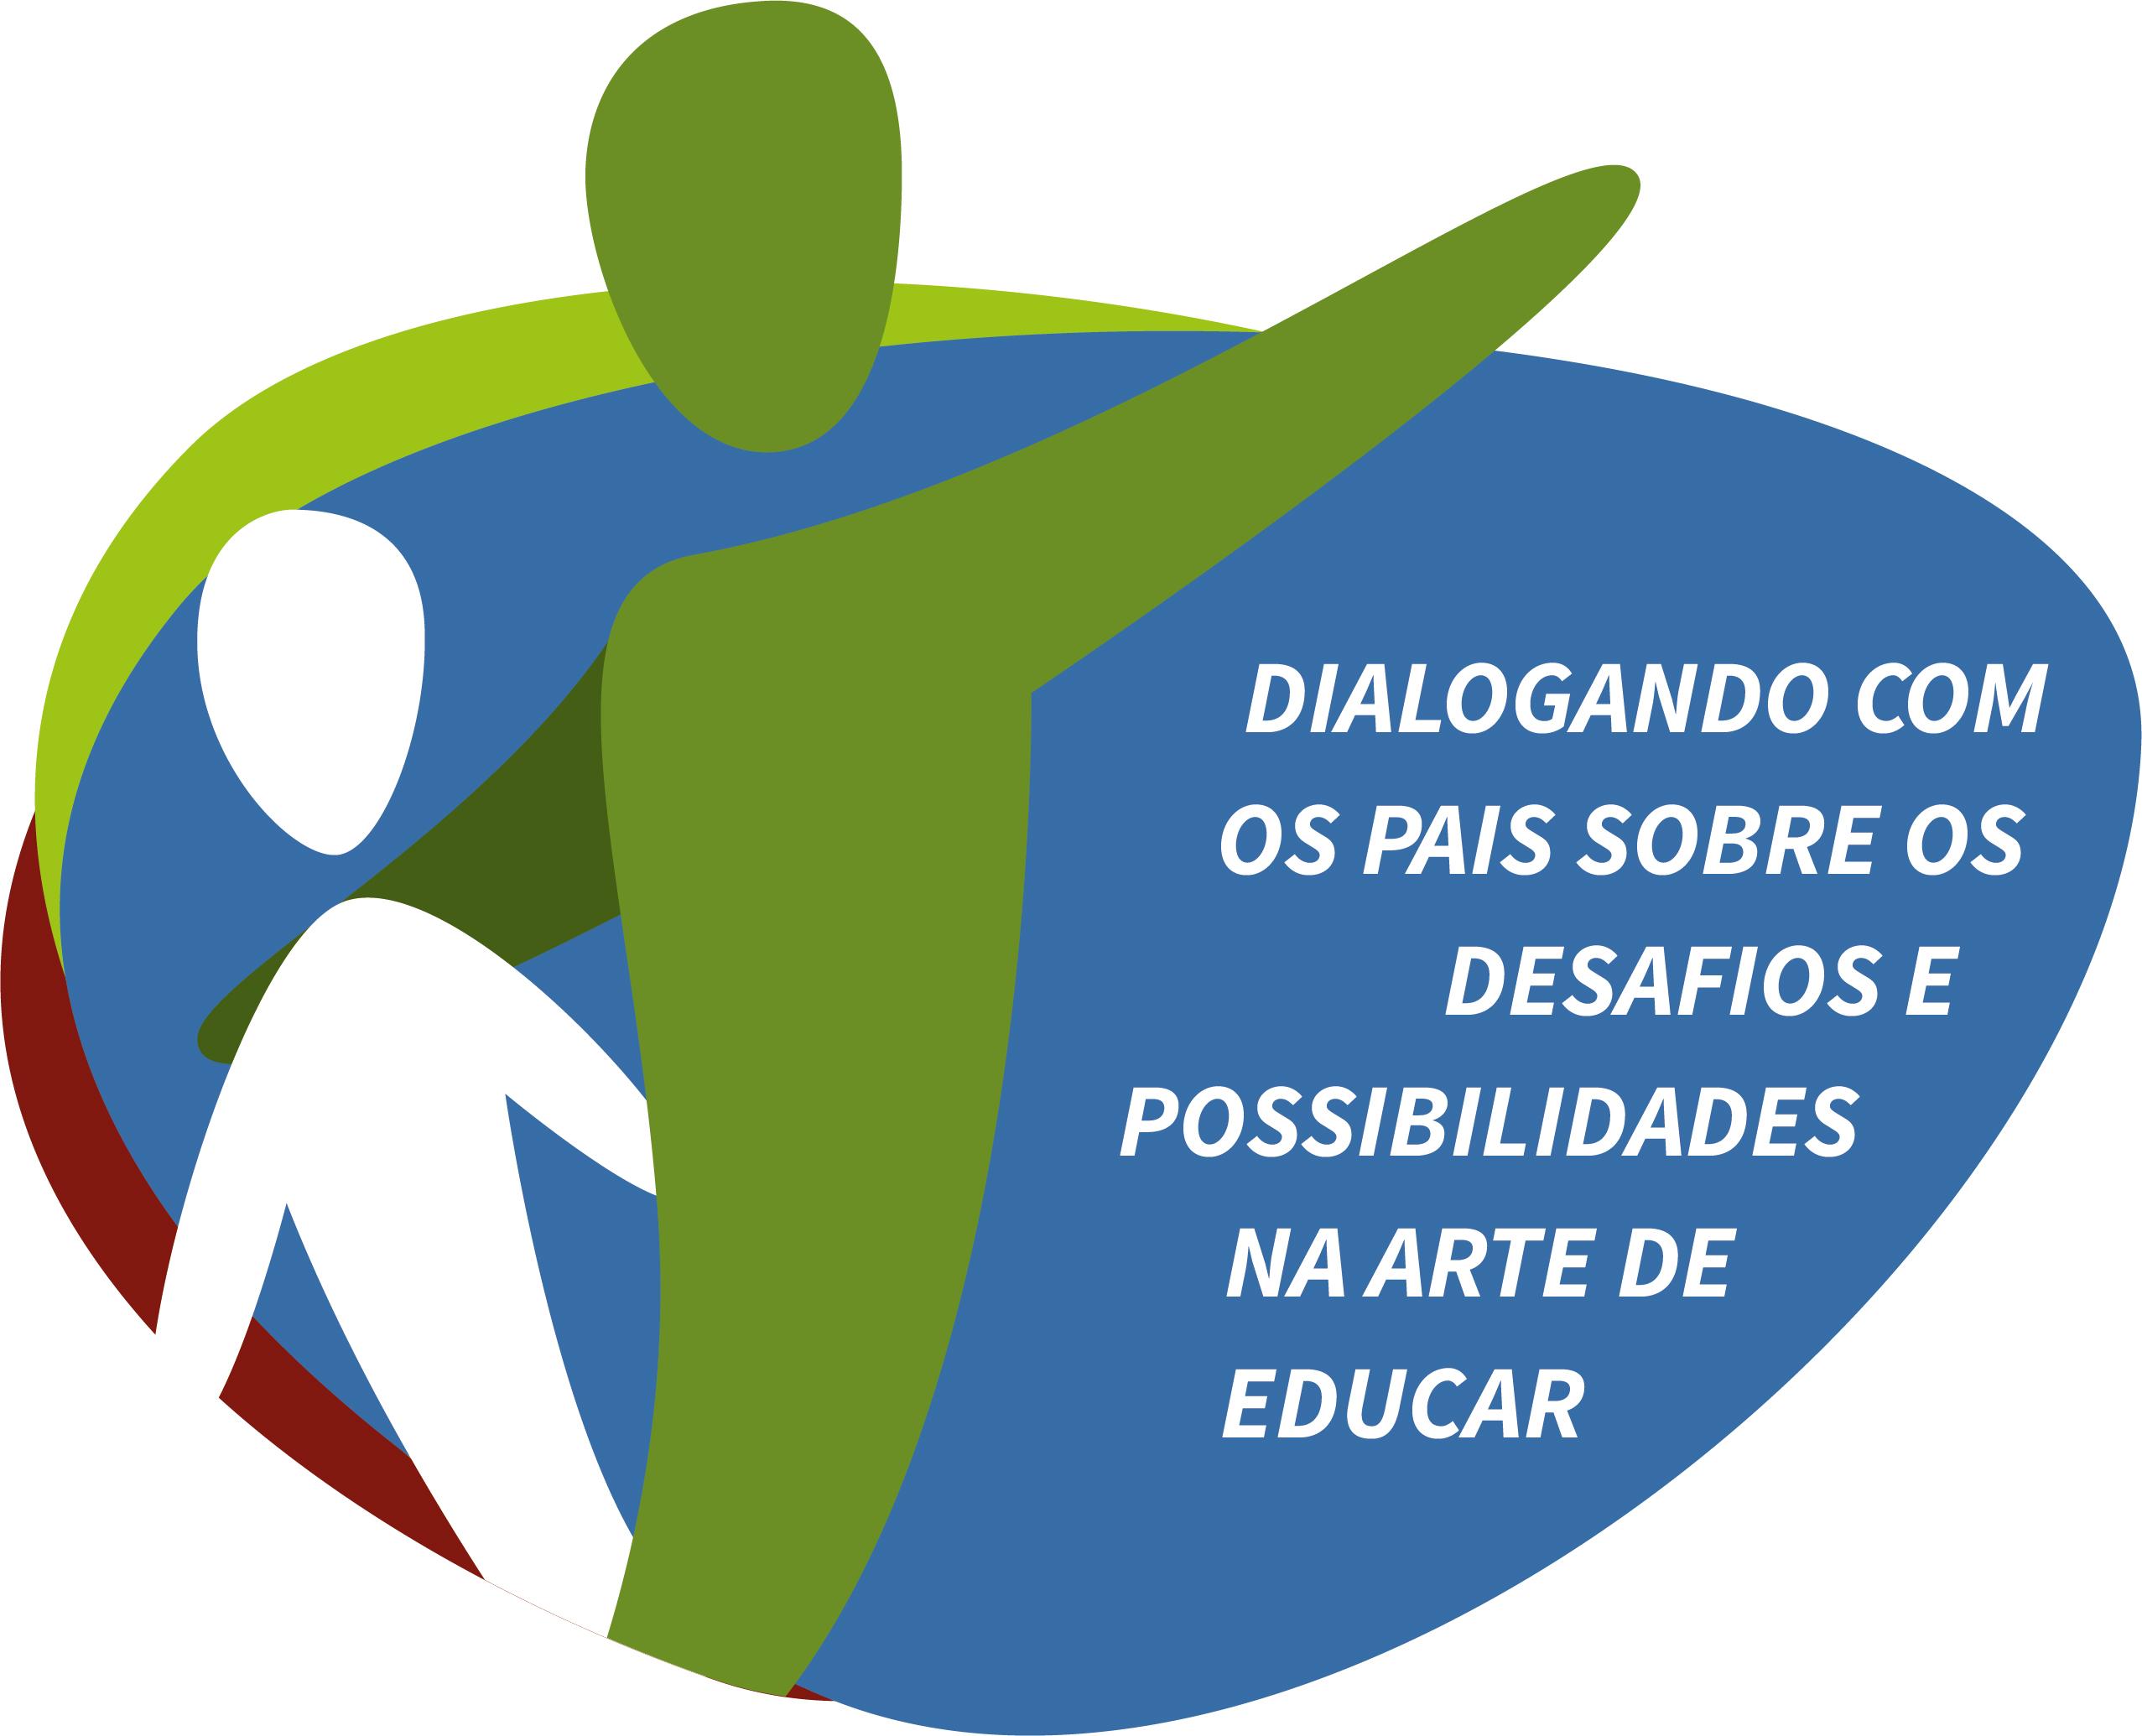 Palestra sobre diálogo com os pais destaca a importância da participação destes na vida escolar dos filhos